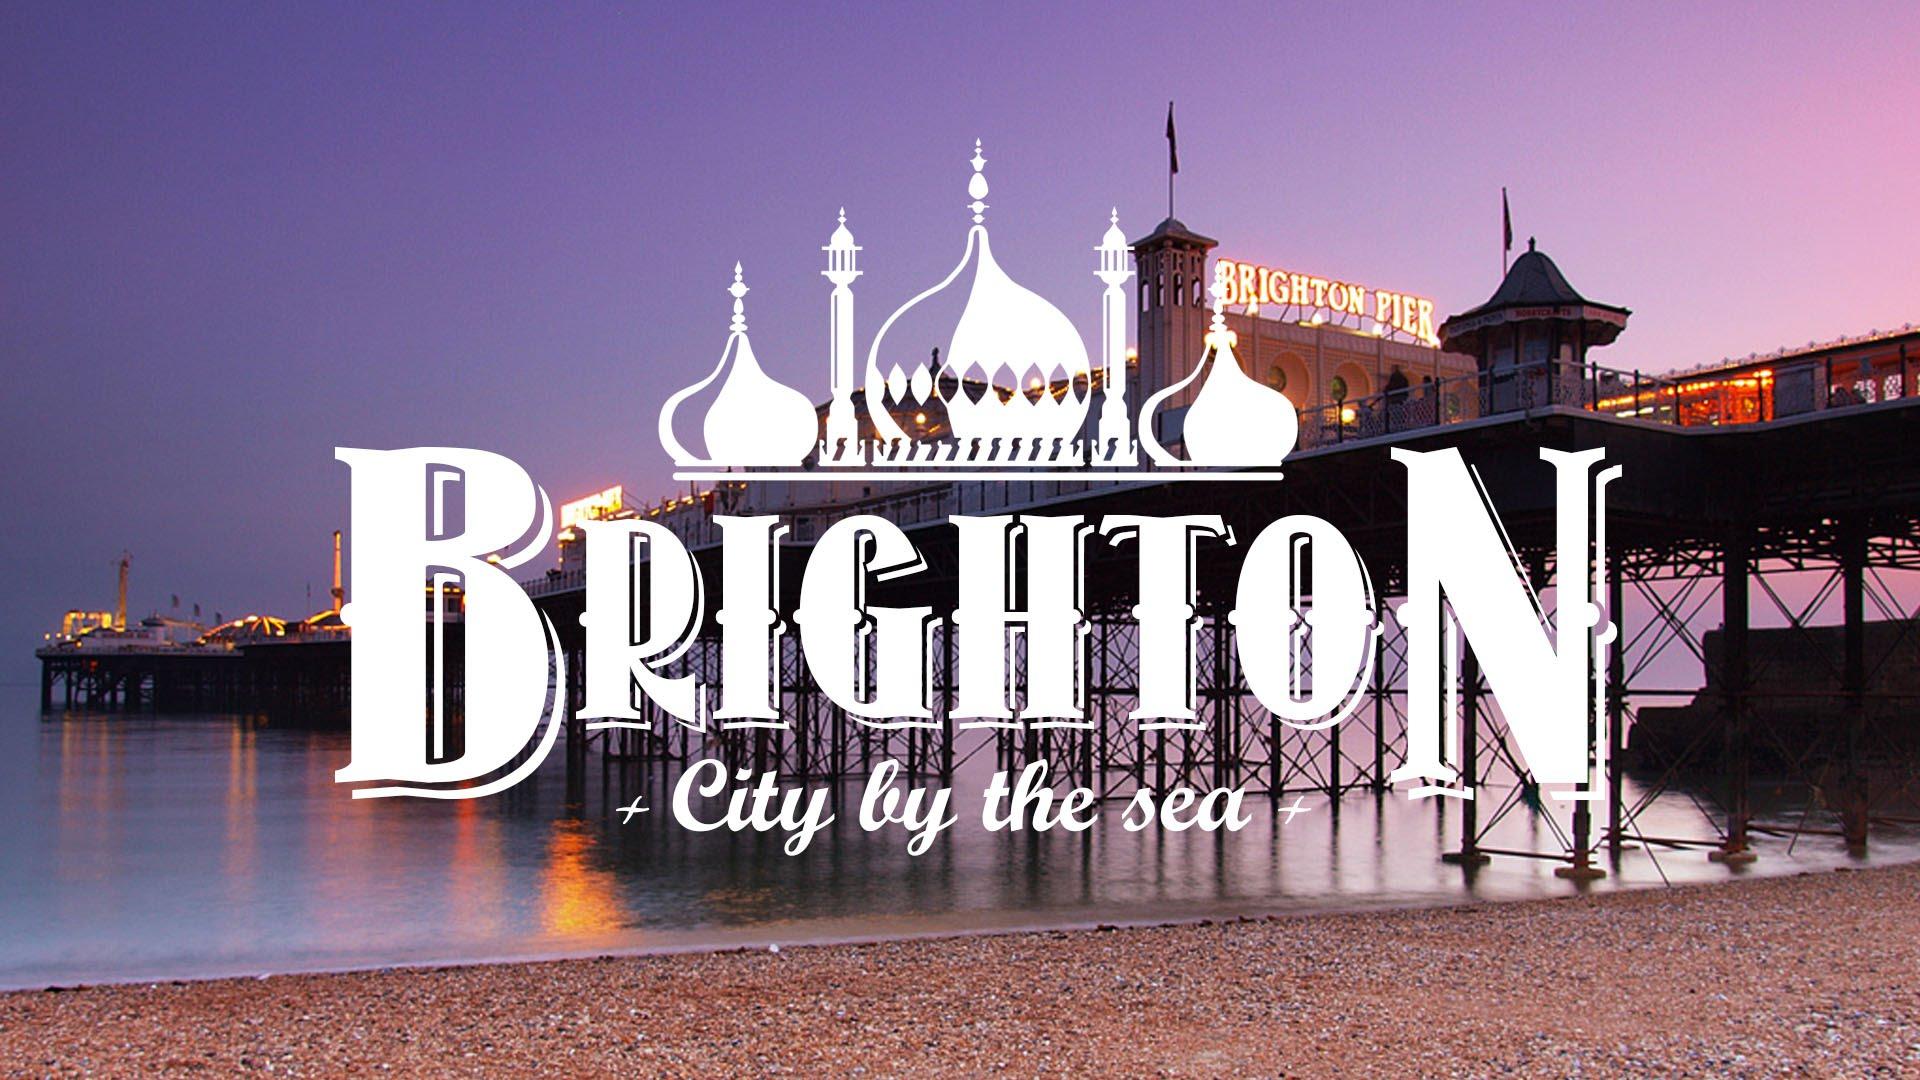 Tour of Brighton